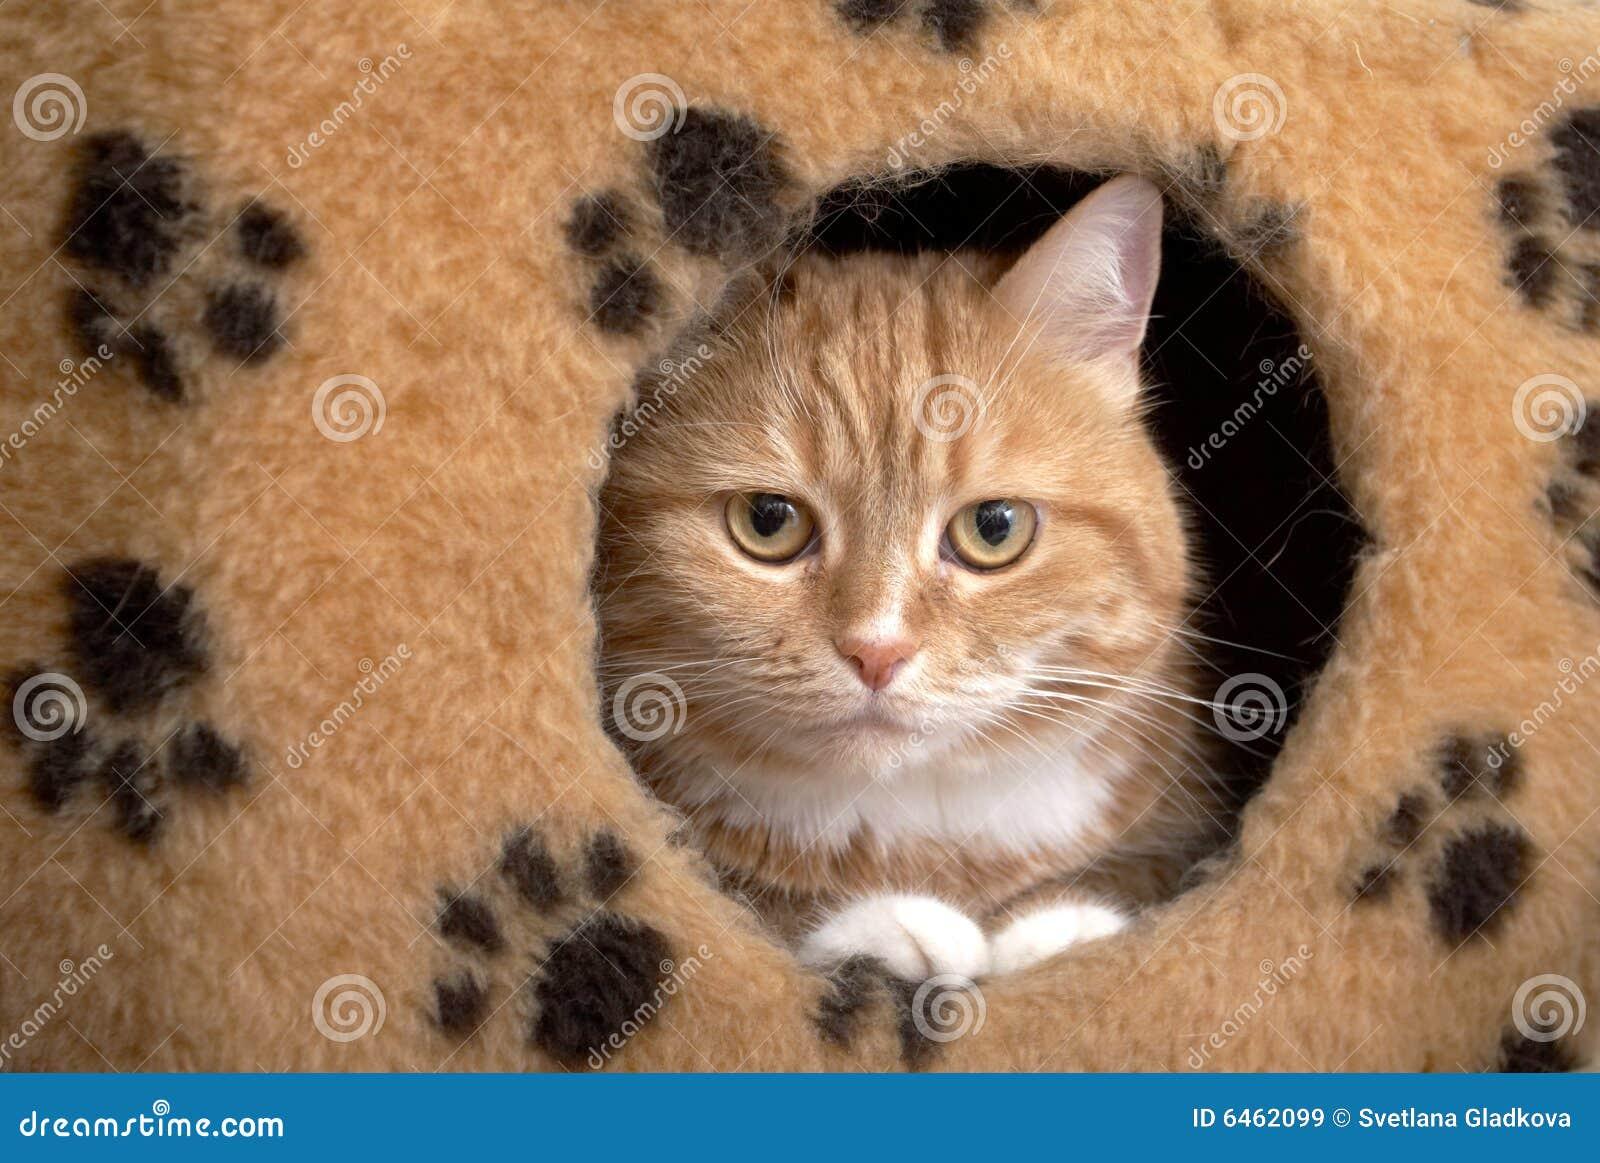 Kot czerwony siedzi małe domowe